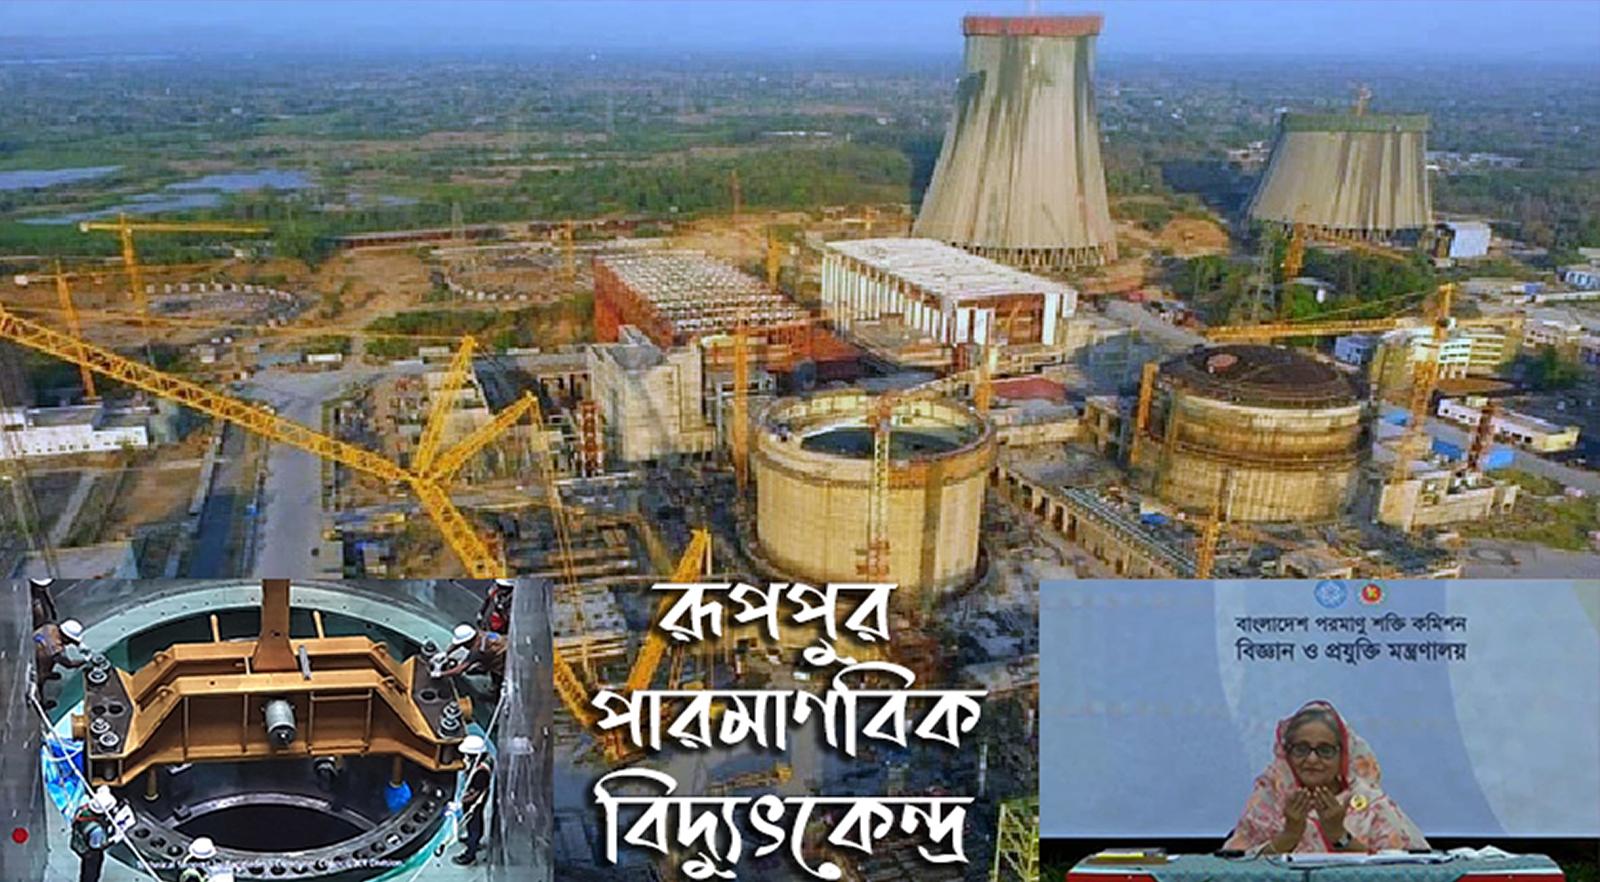 রূপপুরে দেশের ১ম পারমাণবিক বিদ্যুৎকেন্দ্রের চুল্লি স্থাপন; পারমাণবিক; আণবিক; বিদ্যুৎকেন্দ্র; Nuclear; Nuclear Power; Energy